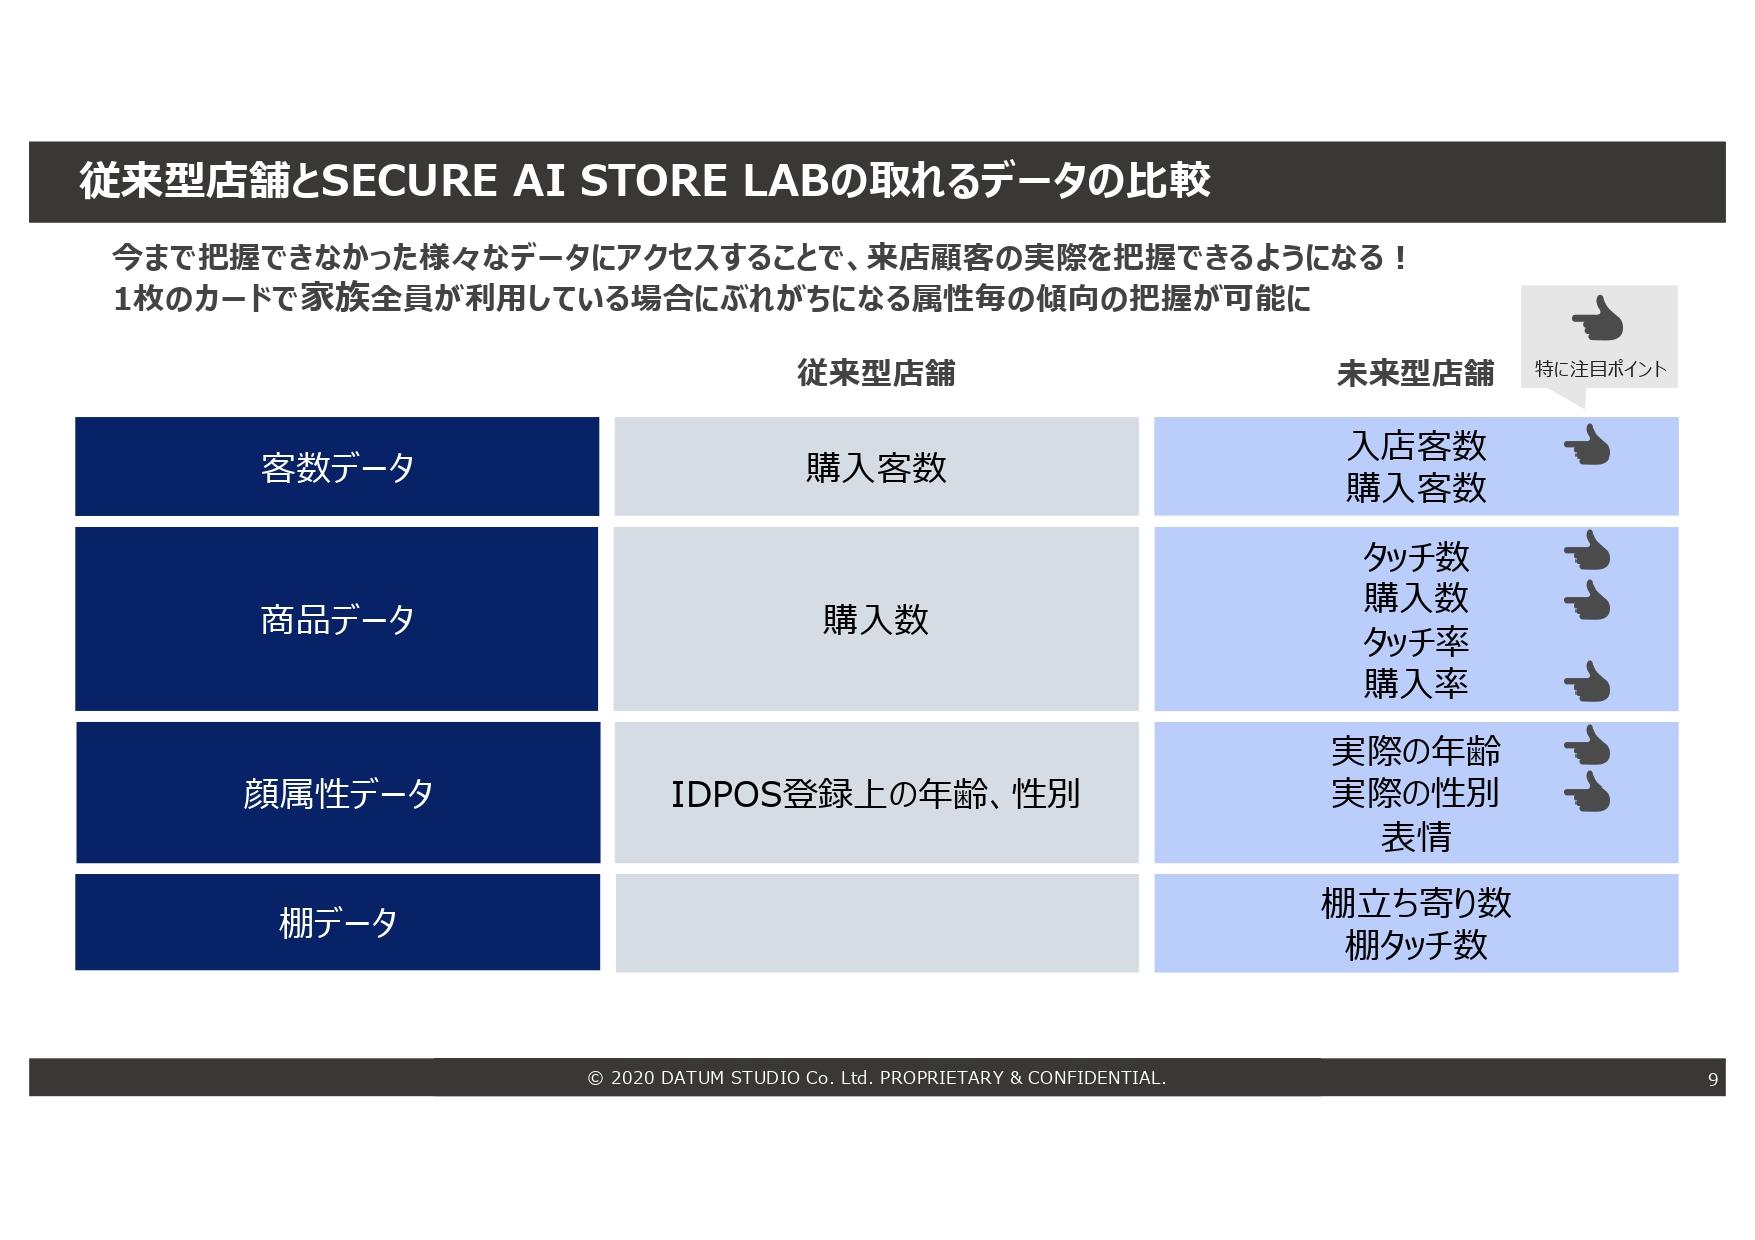 従来型店舗とSECURE AI STORE LABの取れるデータの比較